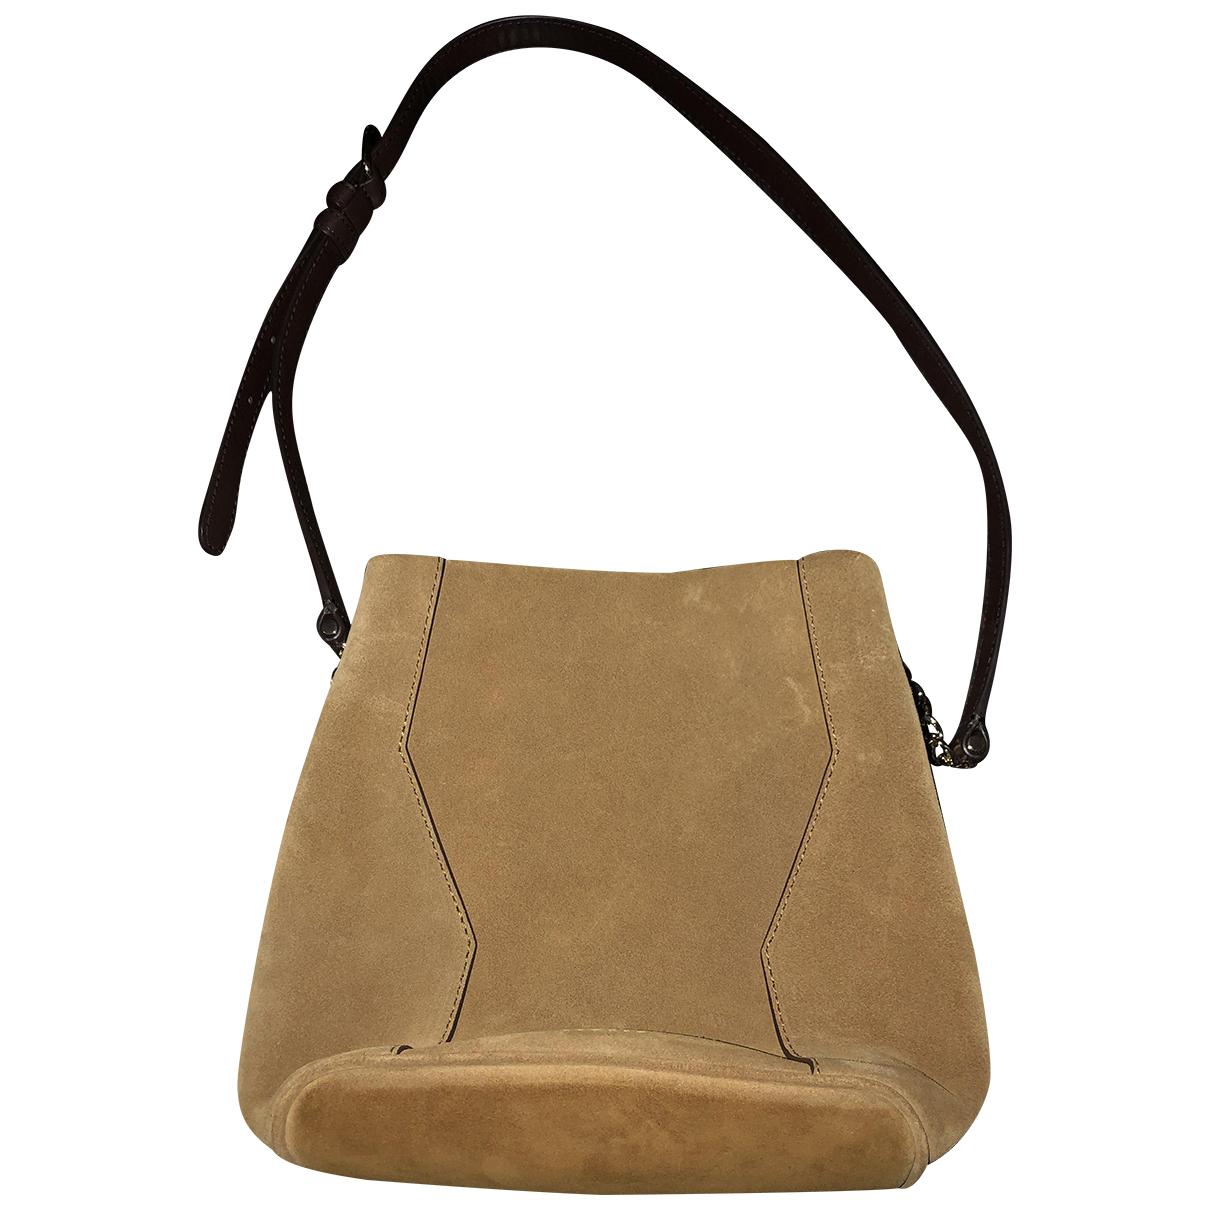 Sandro Fall Winter 2019 Camel Leather handbag for Women N